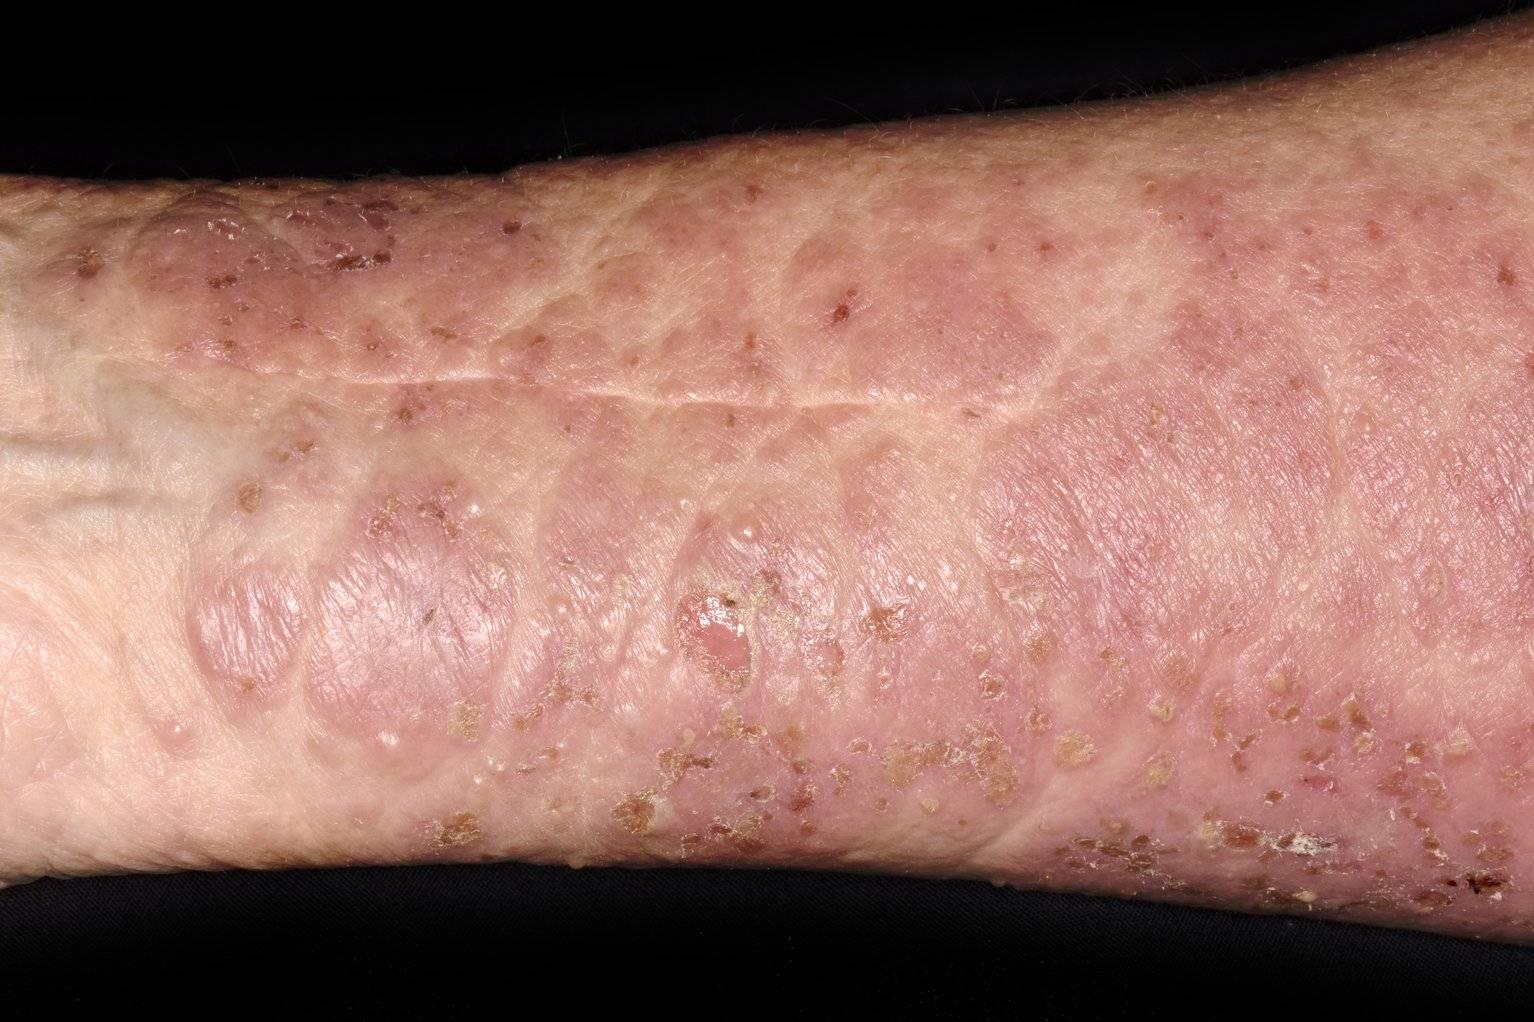 Буллезный дерматит: признаки, фото, методы лечения